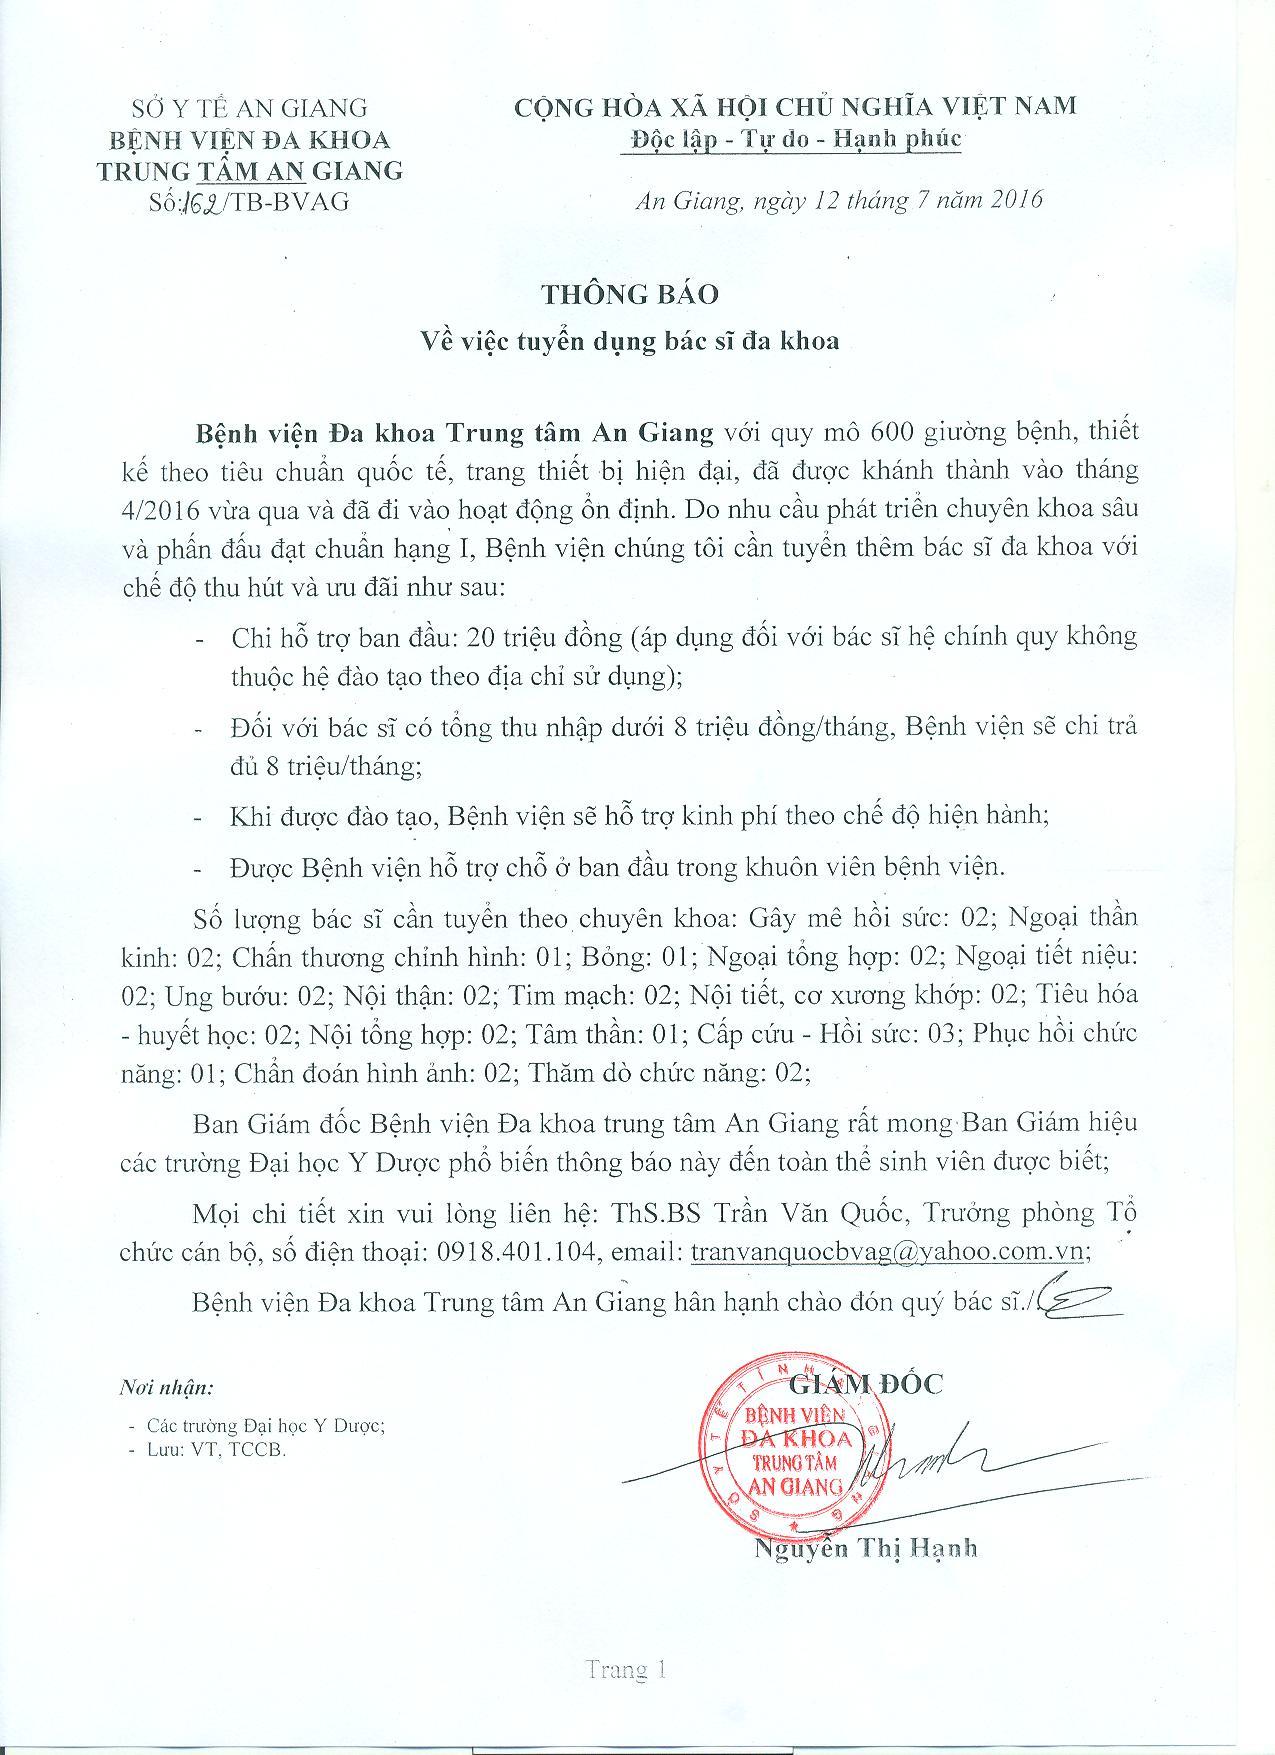 THONG BAO TUYEN DUNG